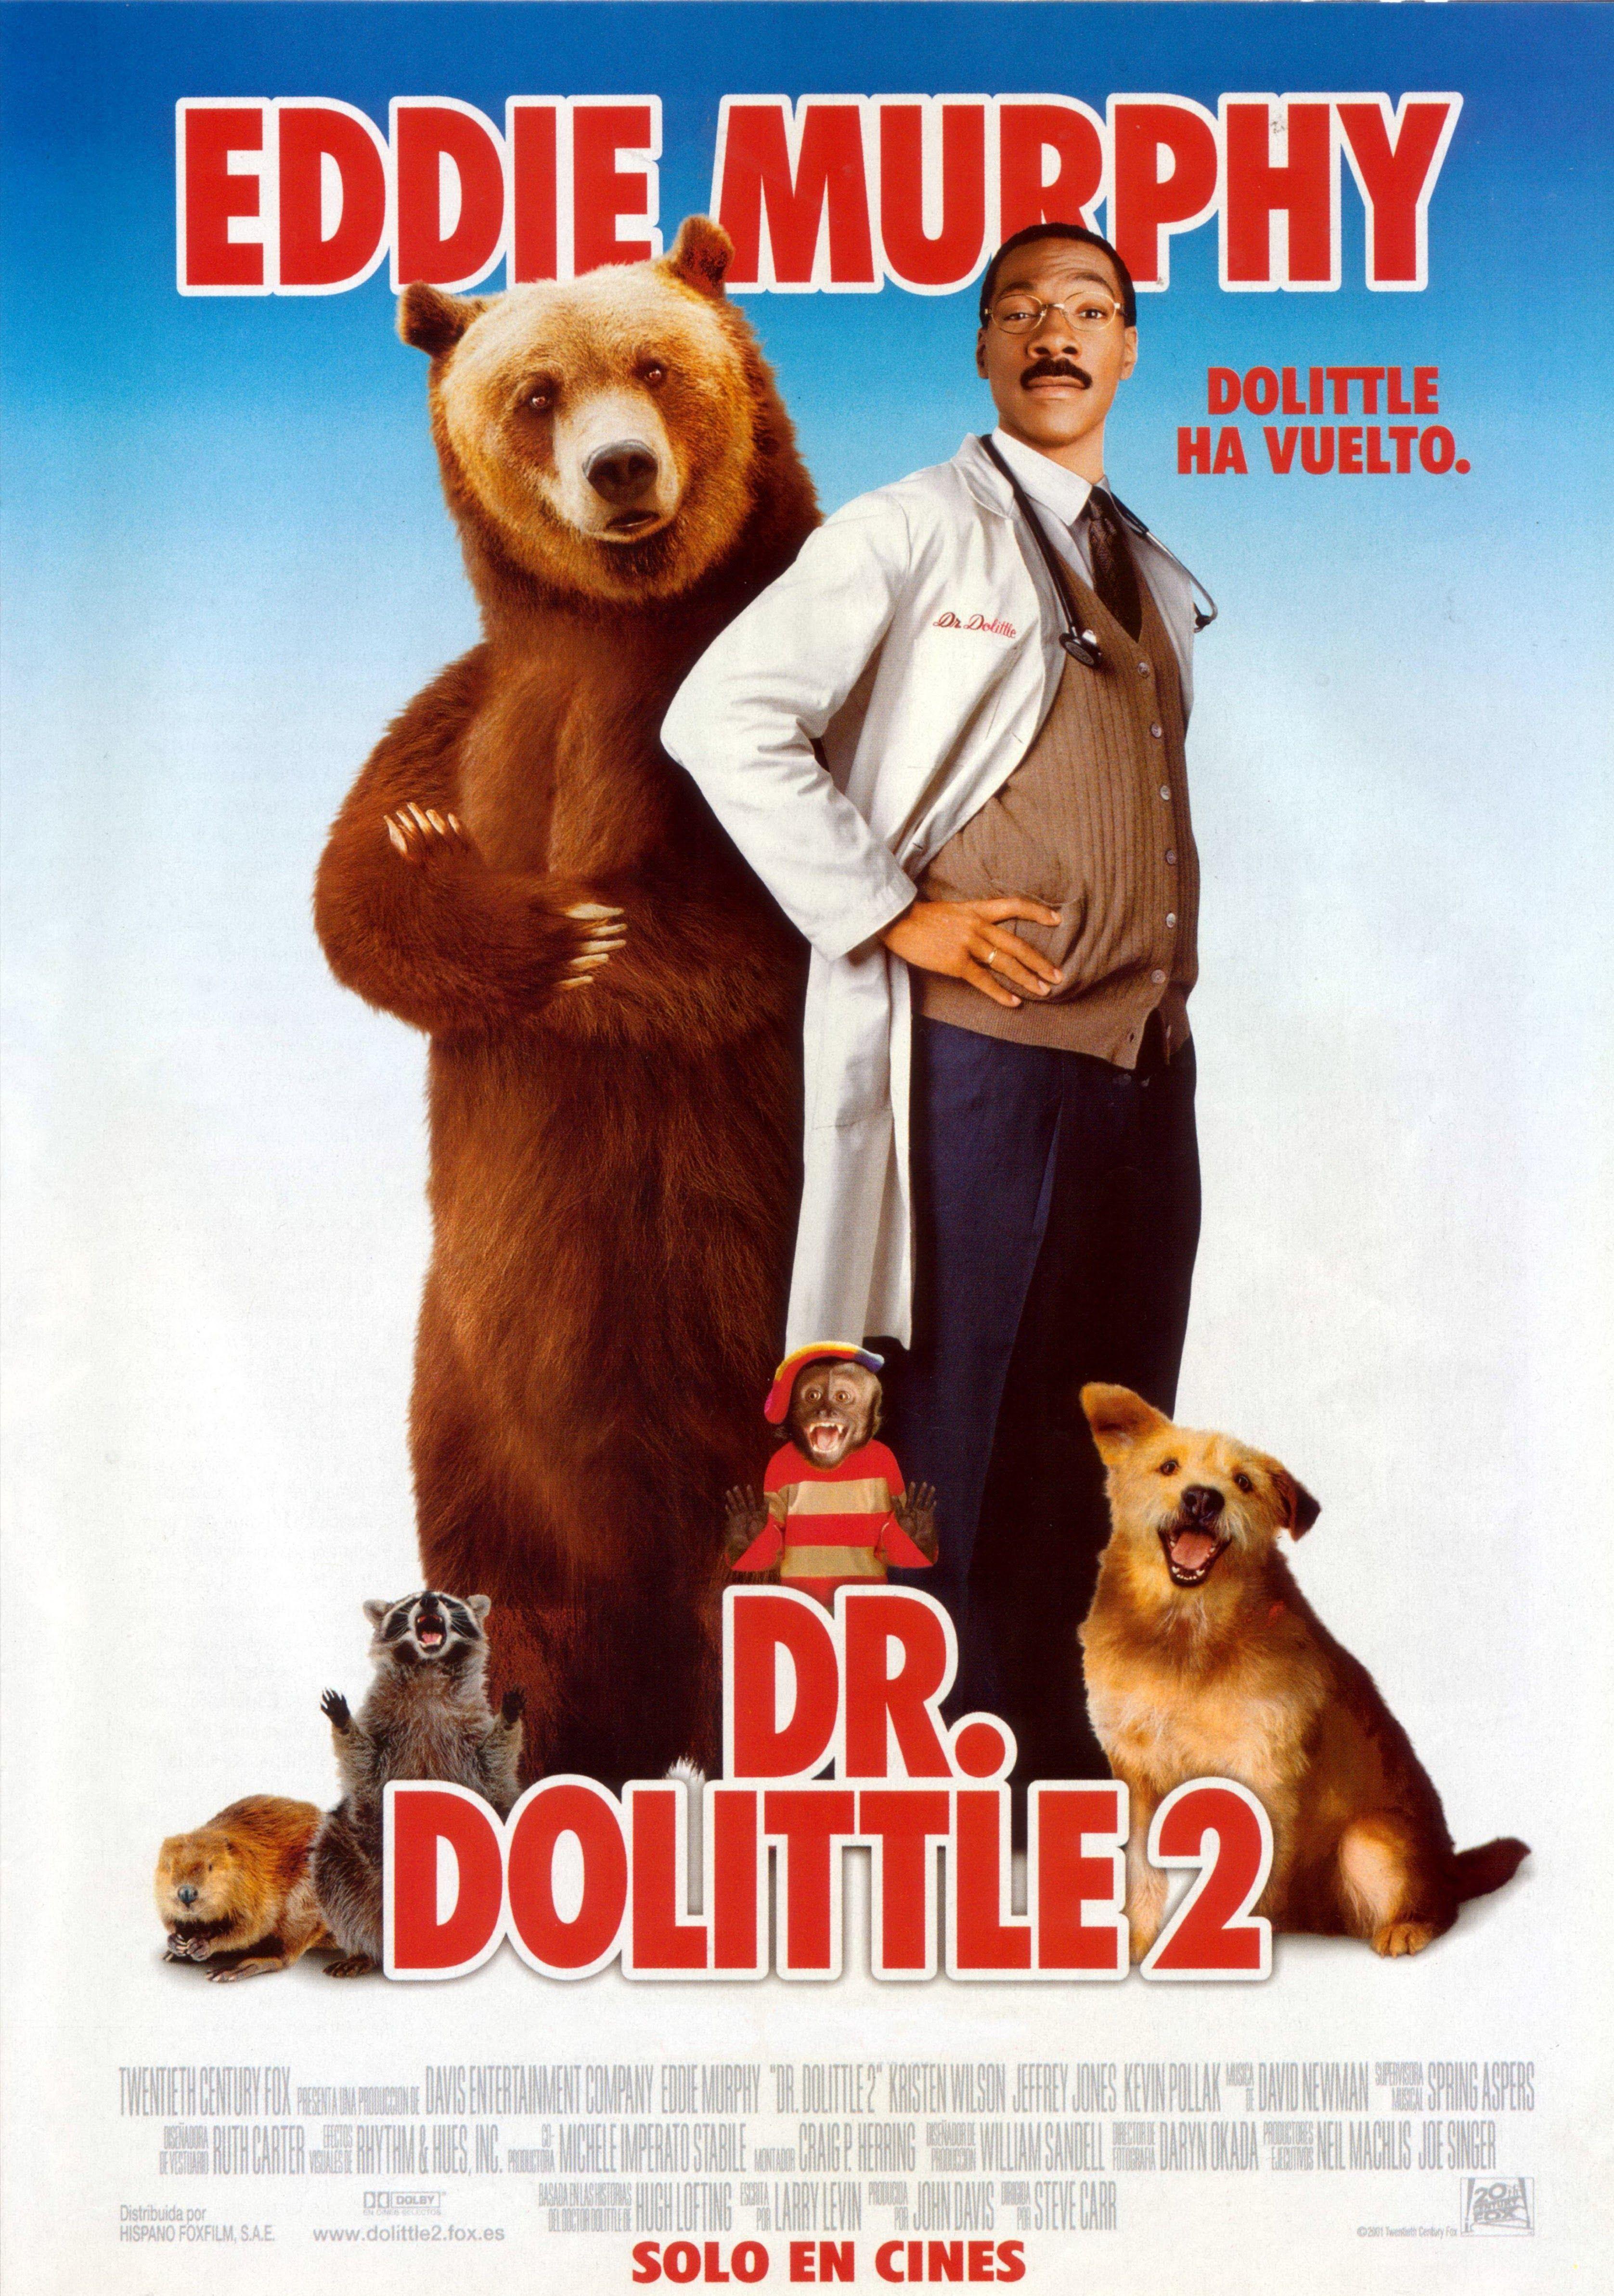 Dr Dolittle 2 Peliculas Cine Peliculas En Ingles Buenas Peliculas